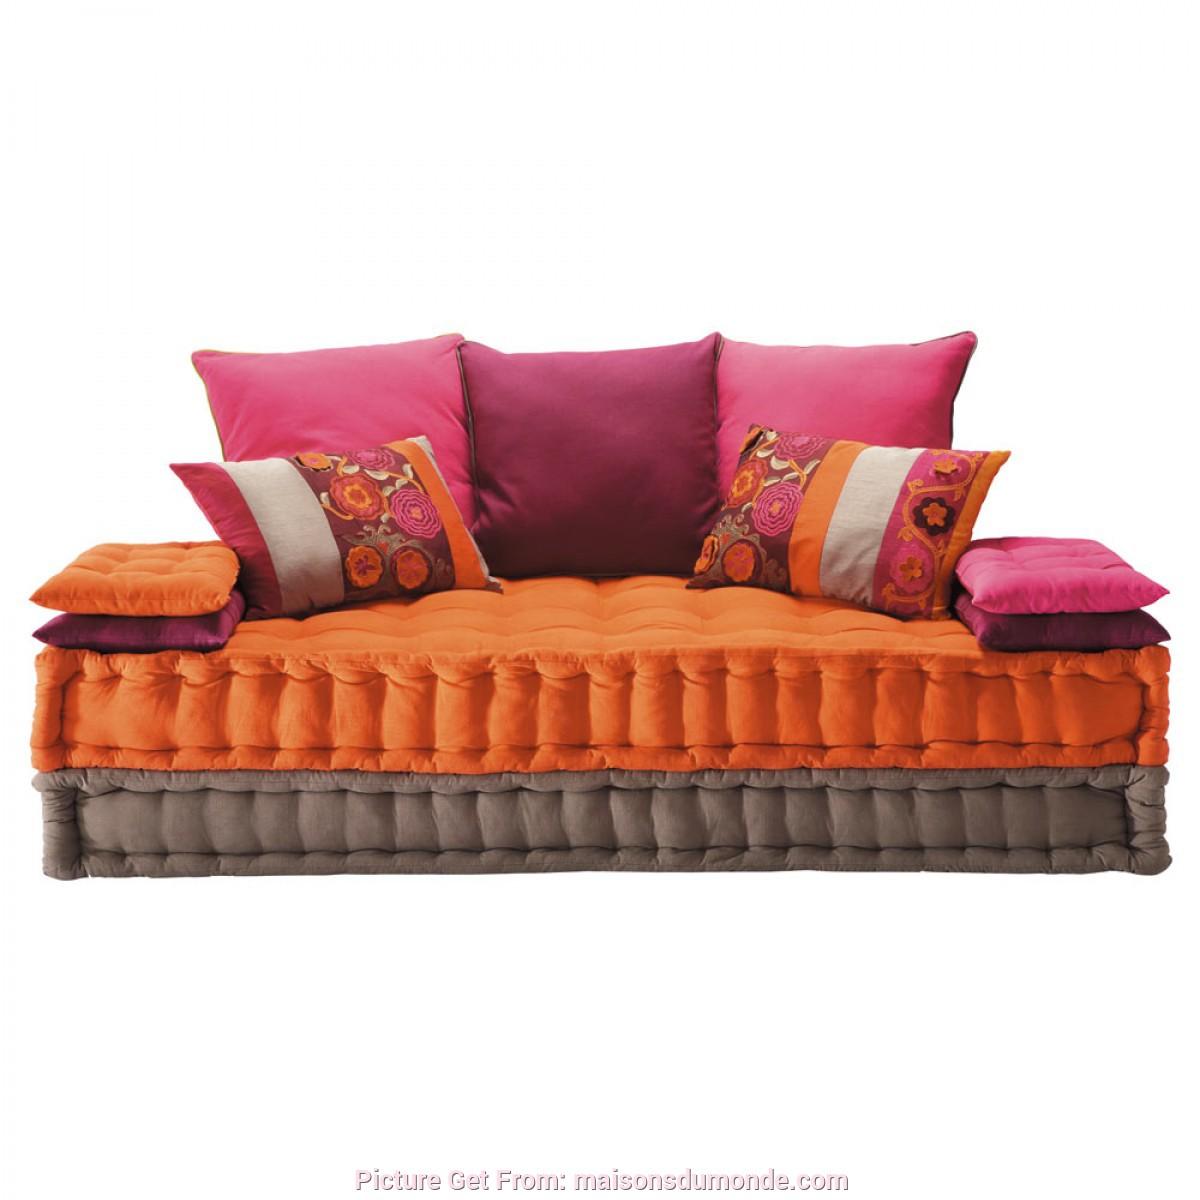 maison du monde coussin sol id e pour cuisine. Black Bedroom Furniture Sets. Home Design Ideas